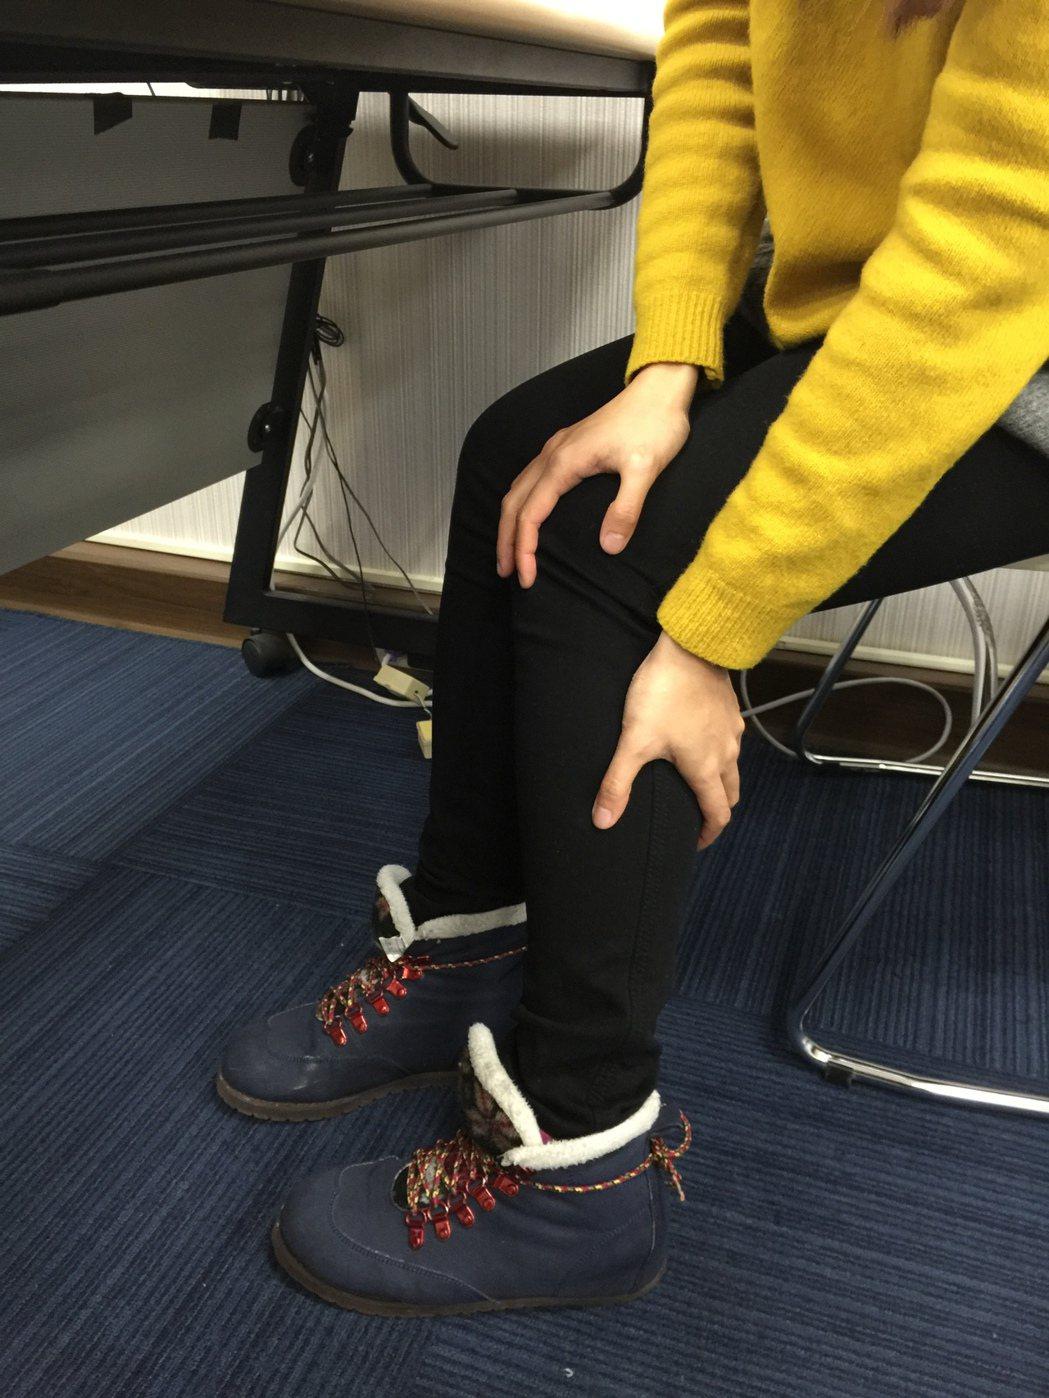 天氣變冷,關節炎好發,醫師指出,久坐不動同樣傷害膝關節。記者黃安琪/攝影